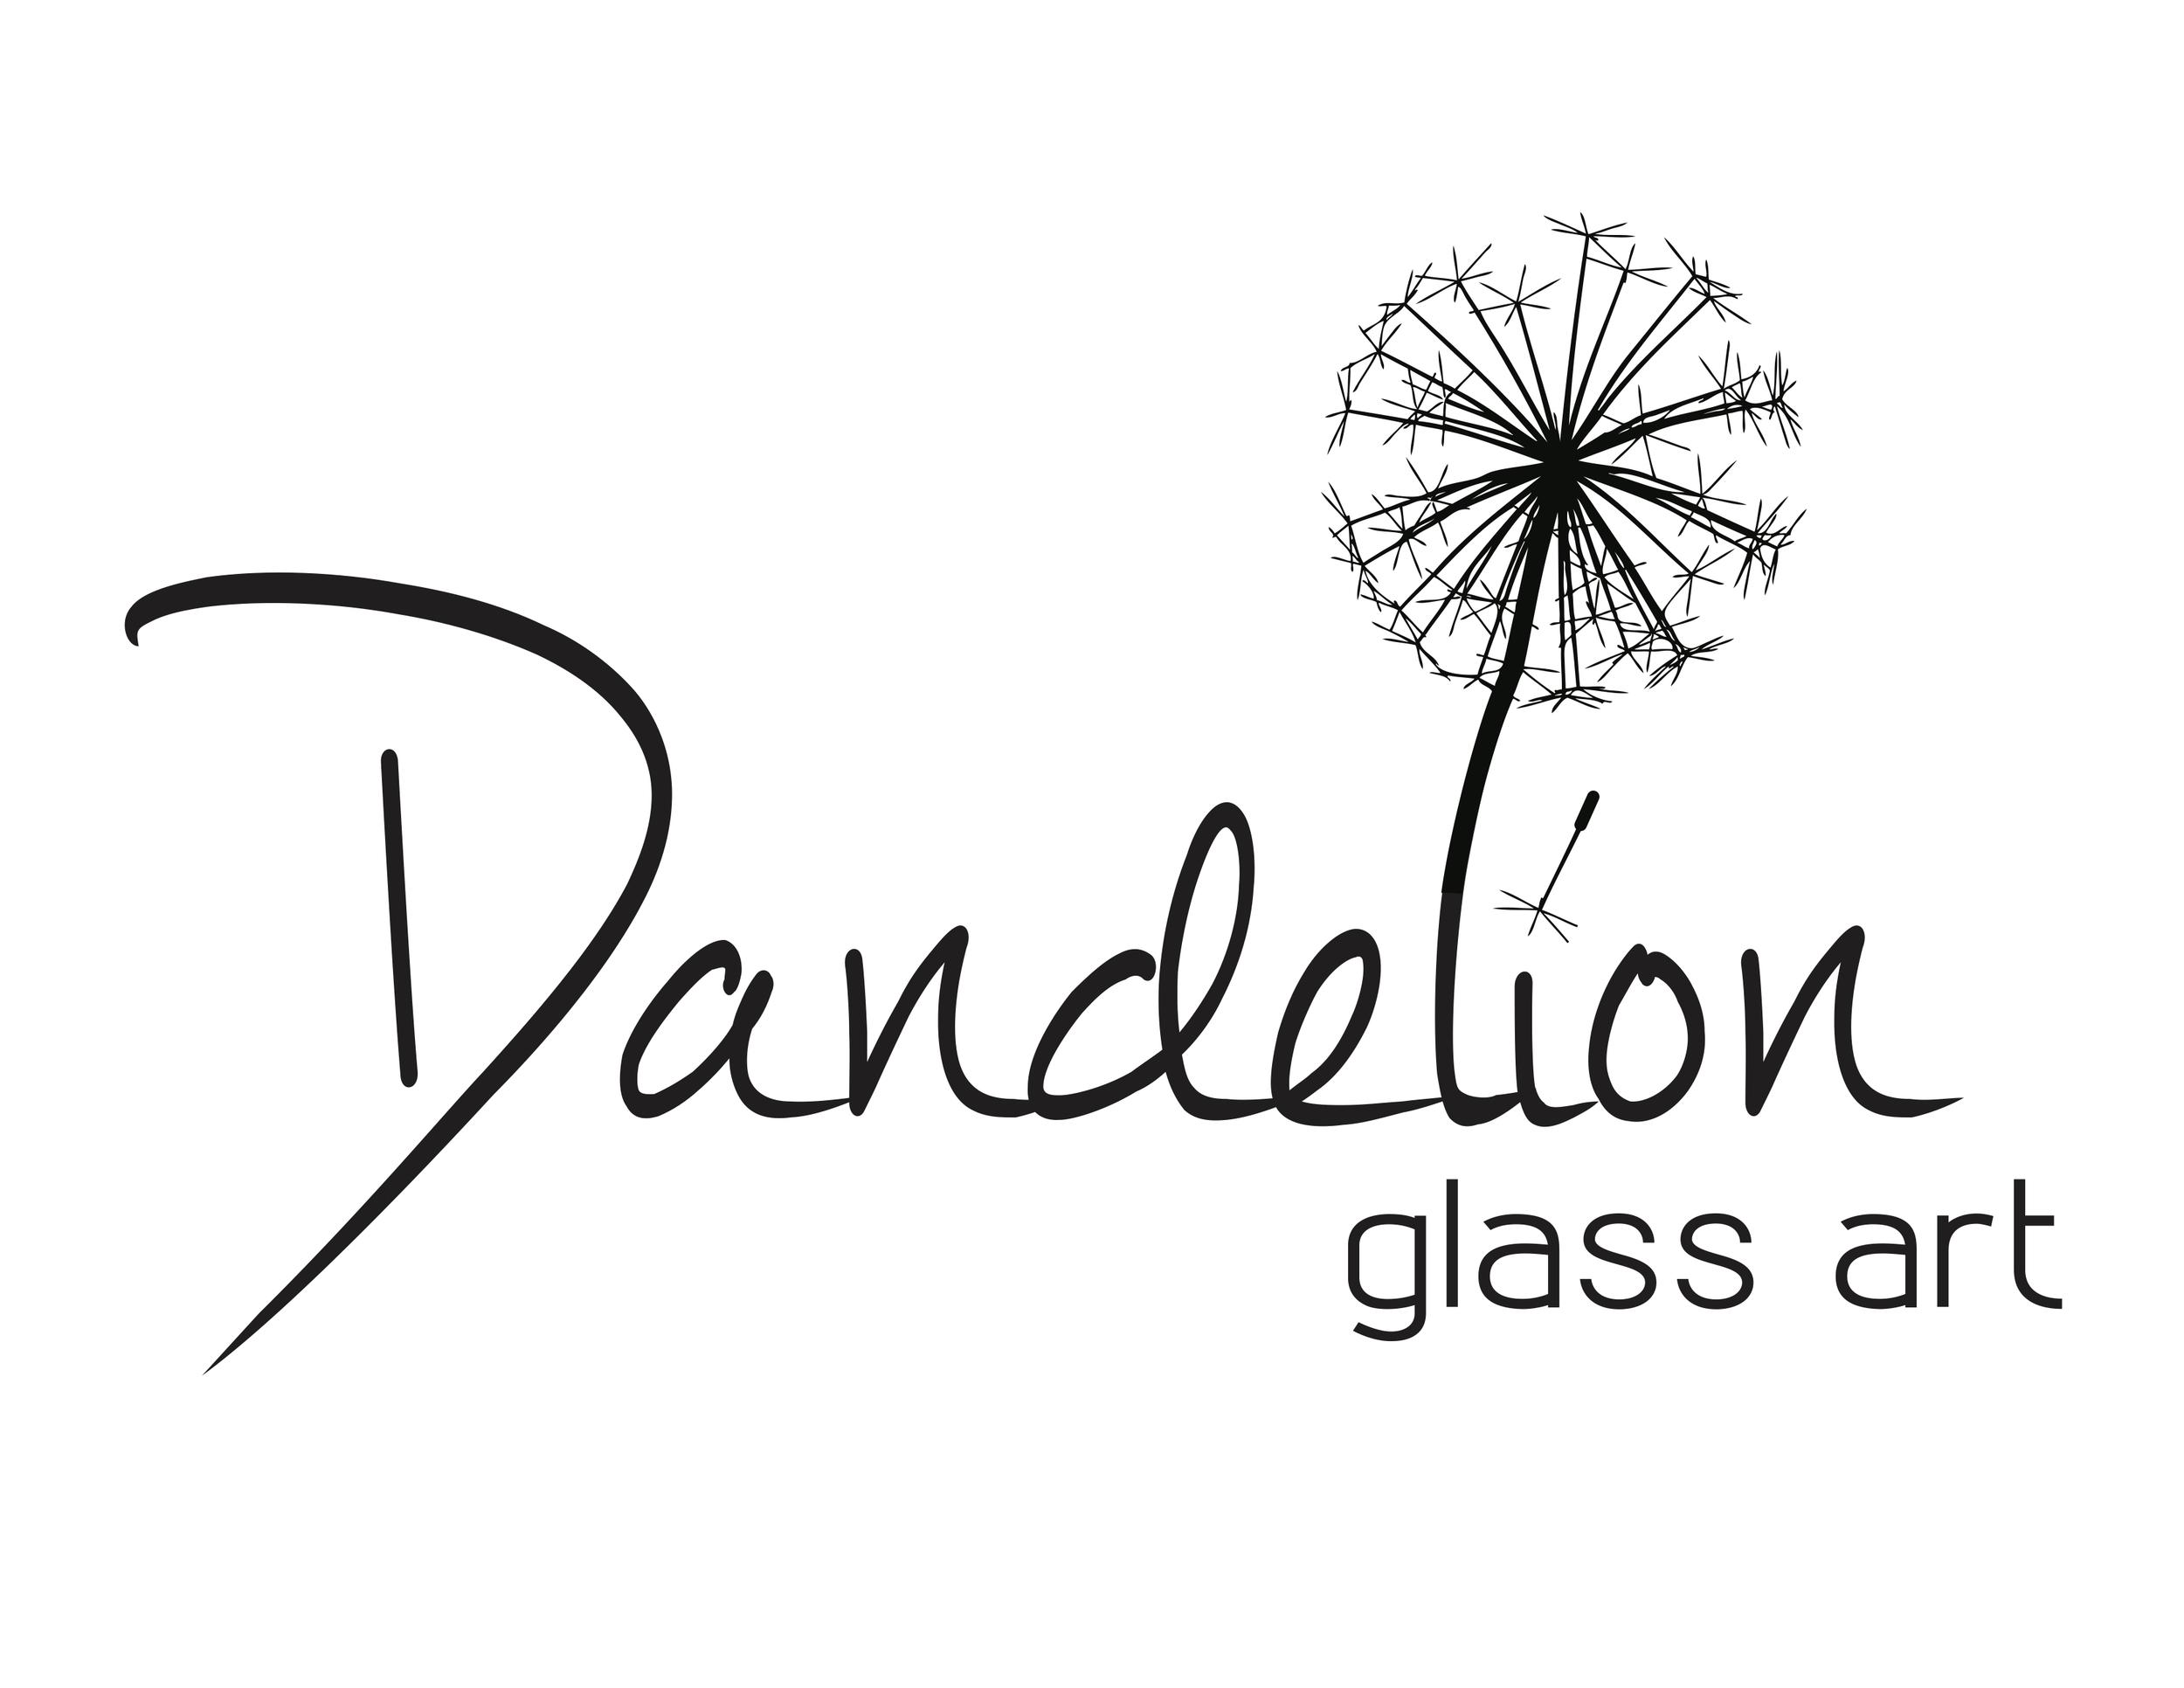 DandelionGlassLogo.jpg